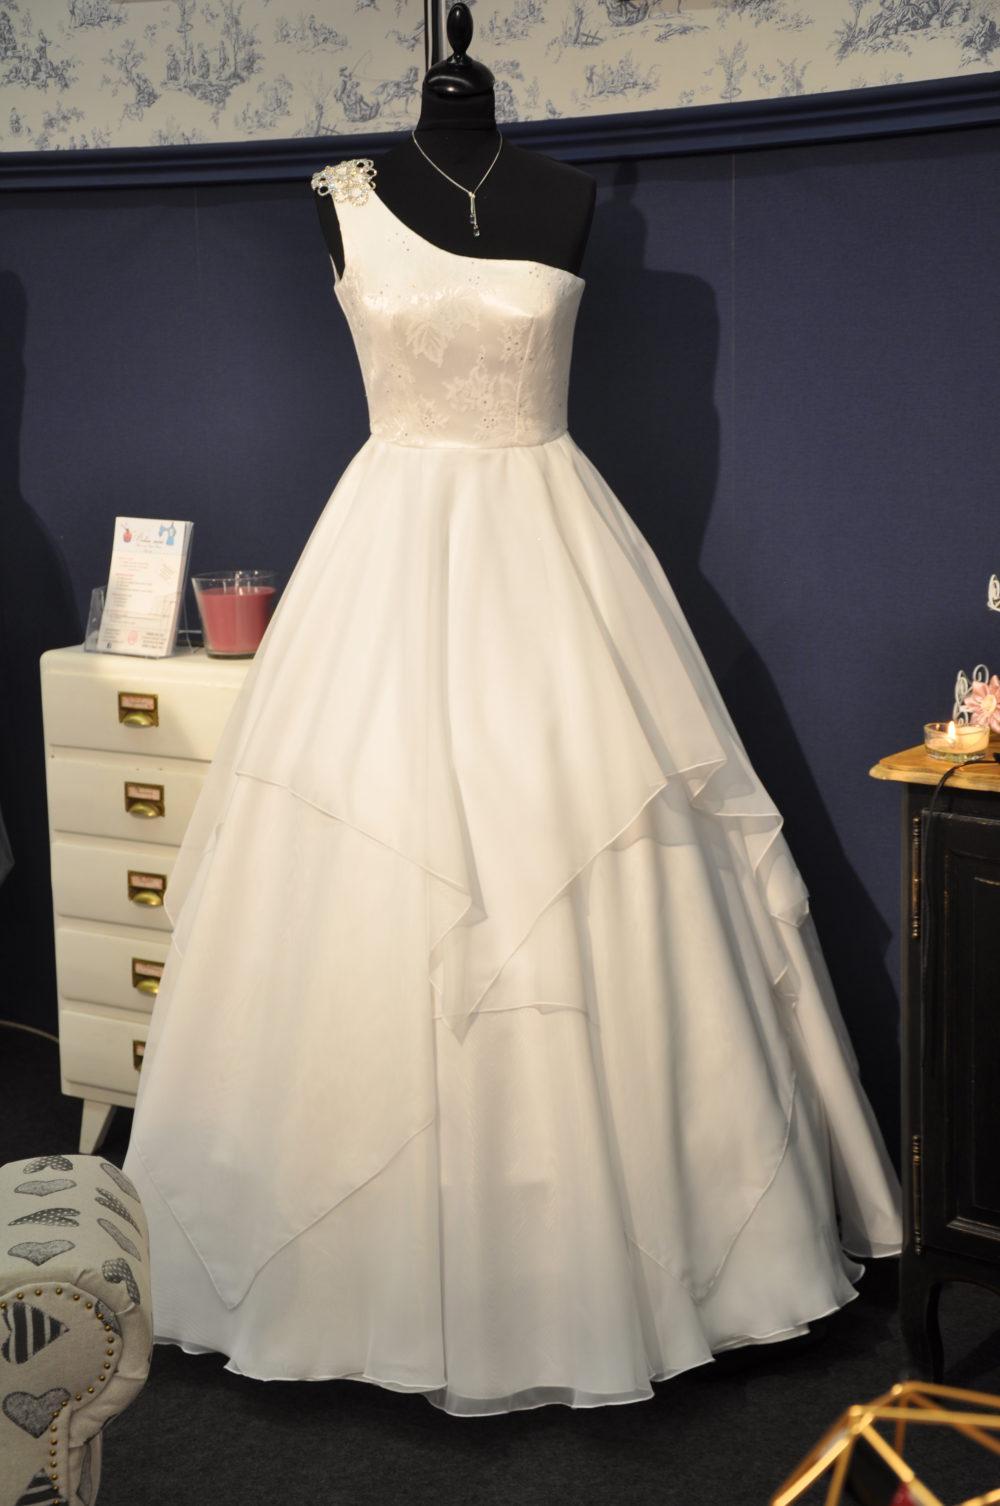 Robe de mariée à domicile-ANGELINE -robe princesse-Cholet- boutique de mariage-location robe de mariée-vente robe de mariage-robe unique